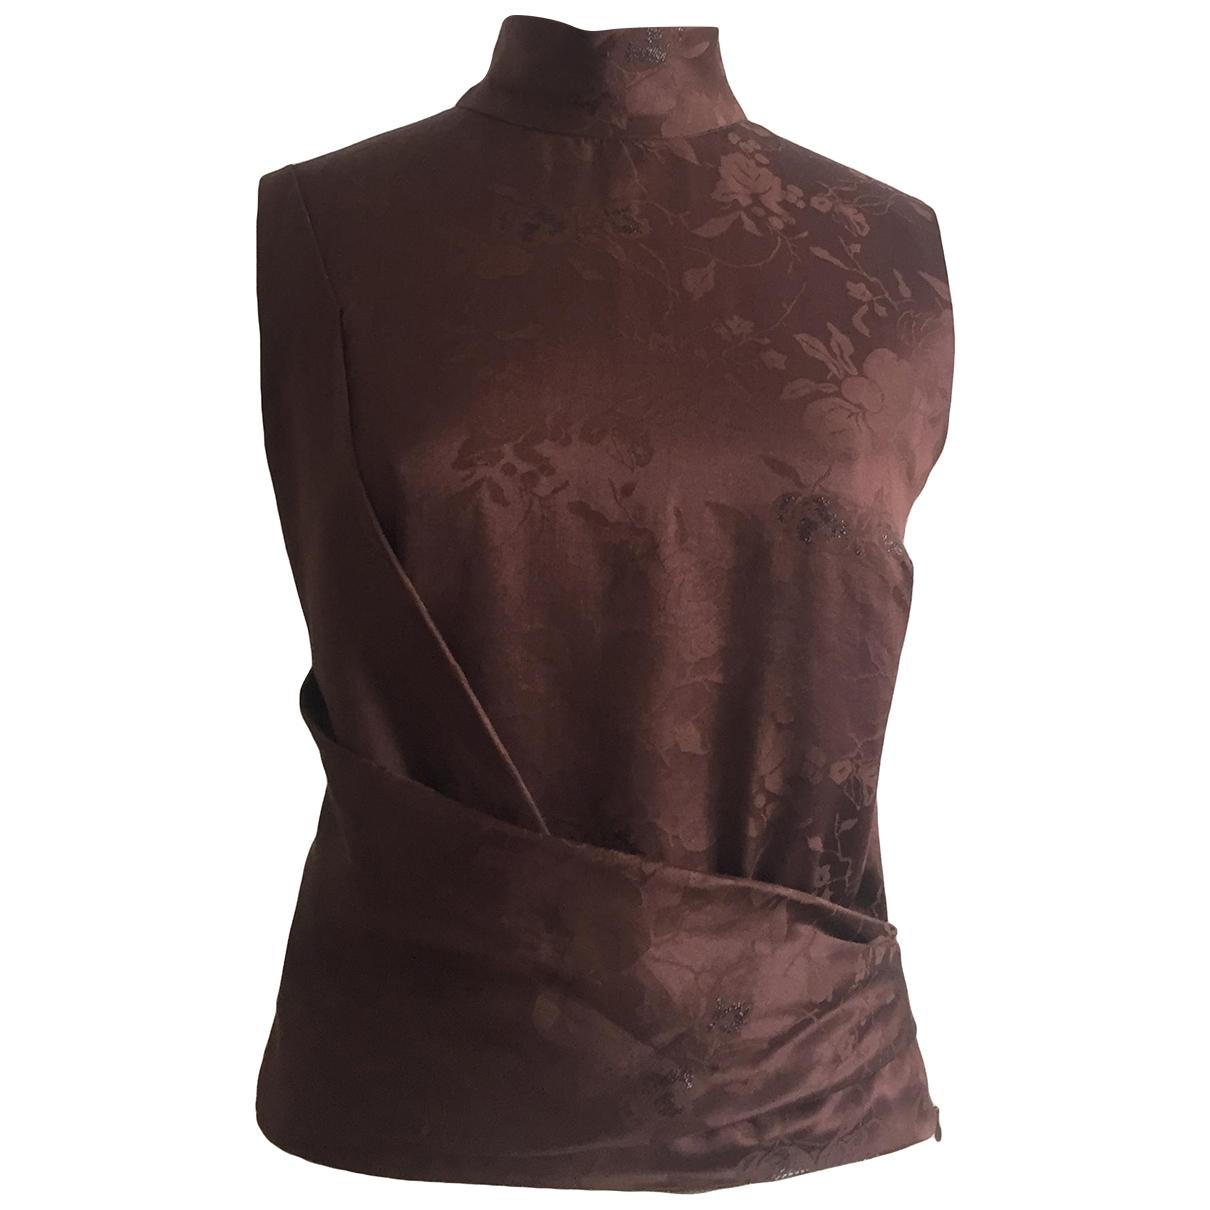 Kenzo - Top   pour femme en soie - marron